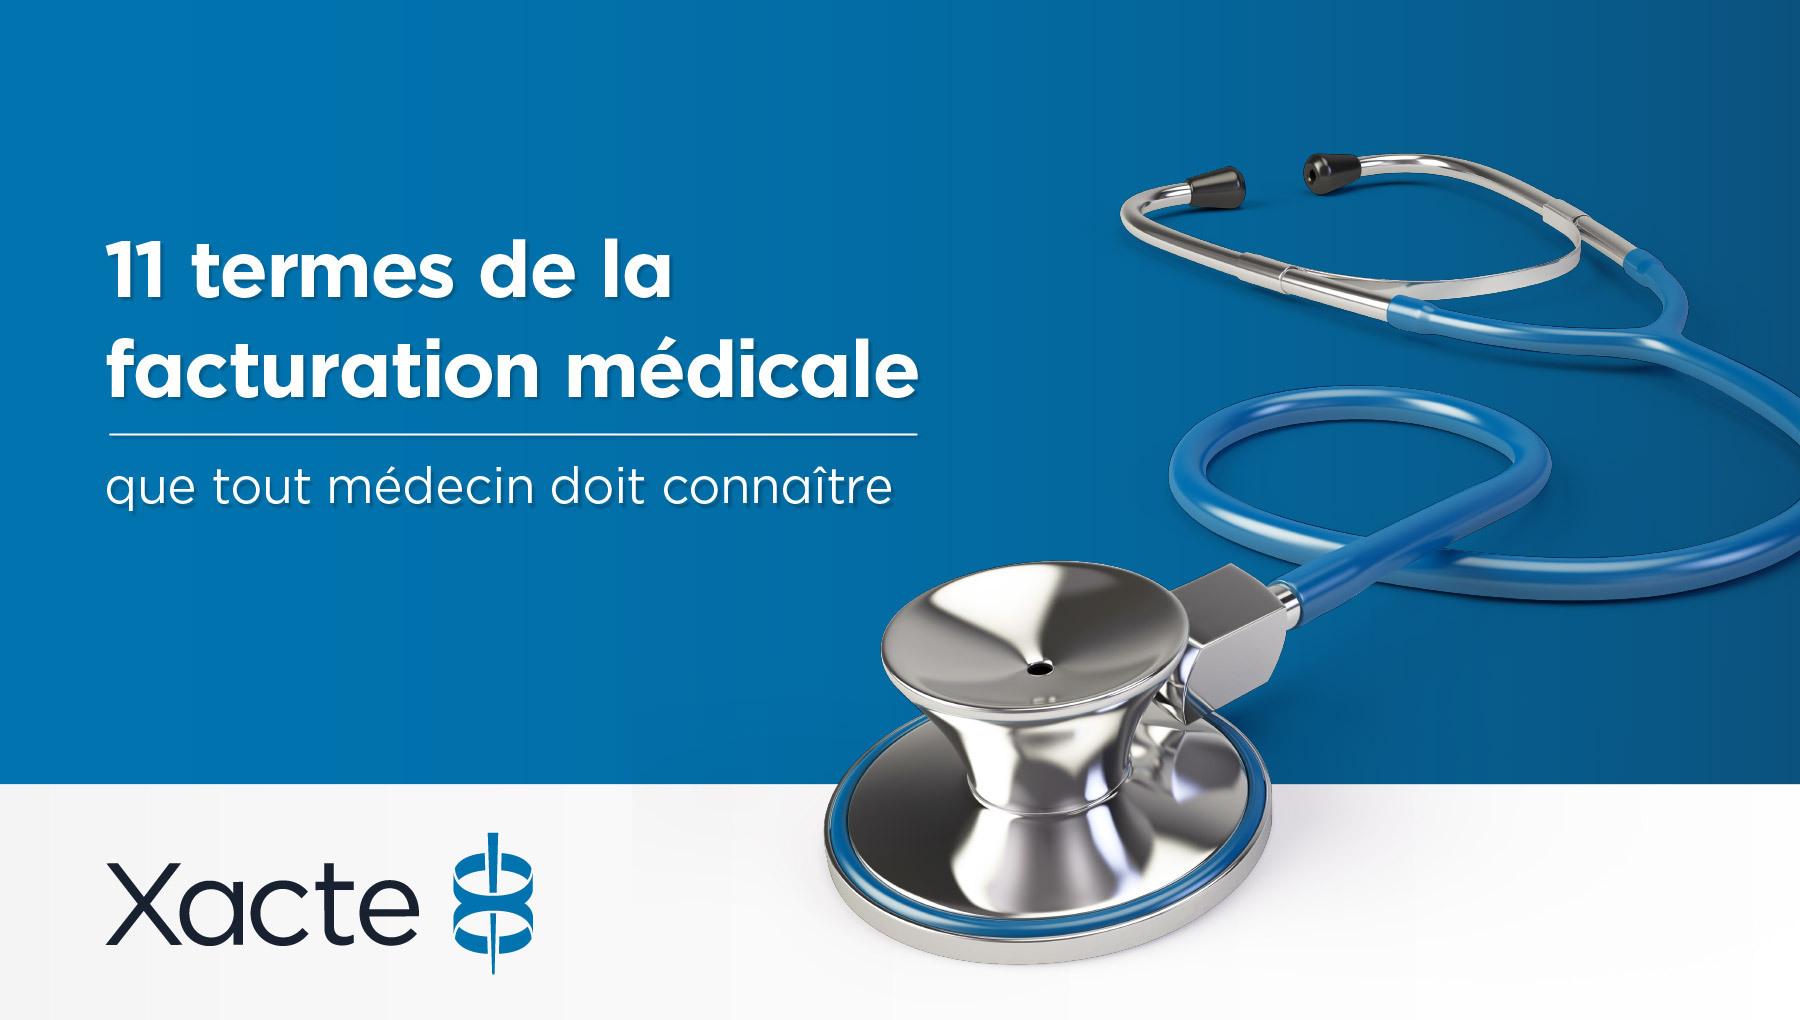 11 termes de la facturation médicale que tout médecin doit connaître